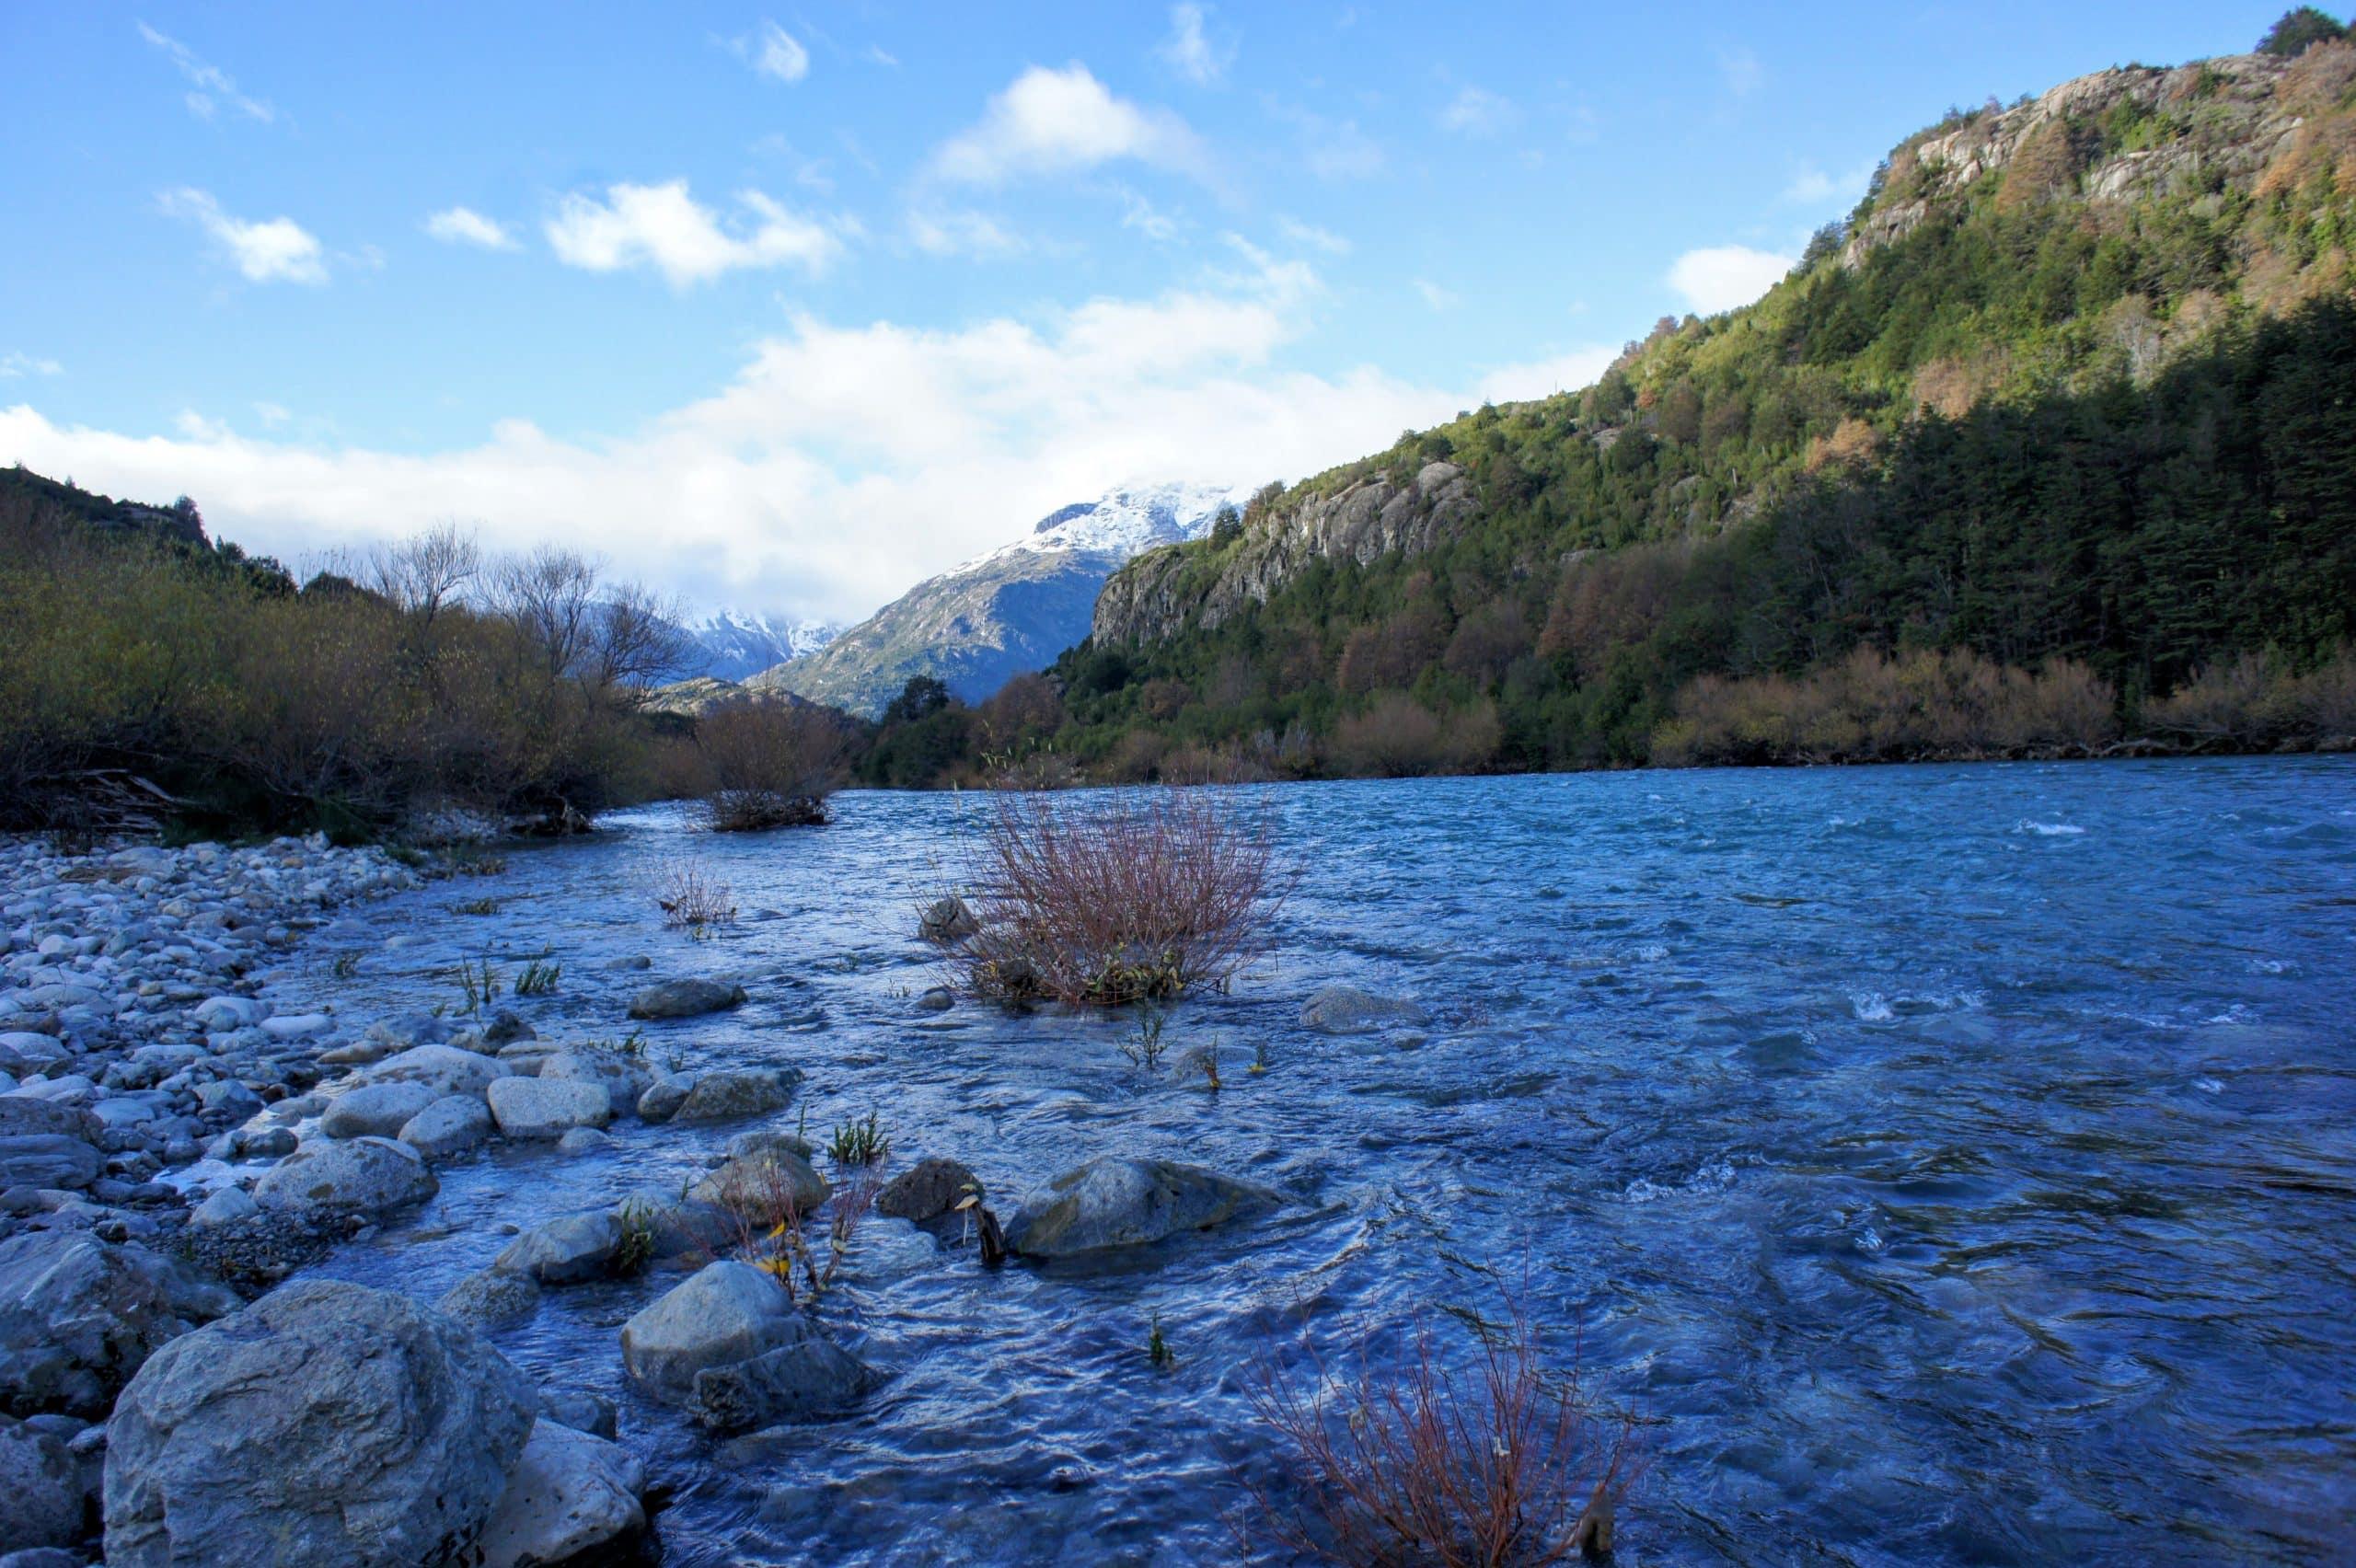 Futalefu Patagonia Chile